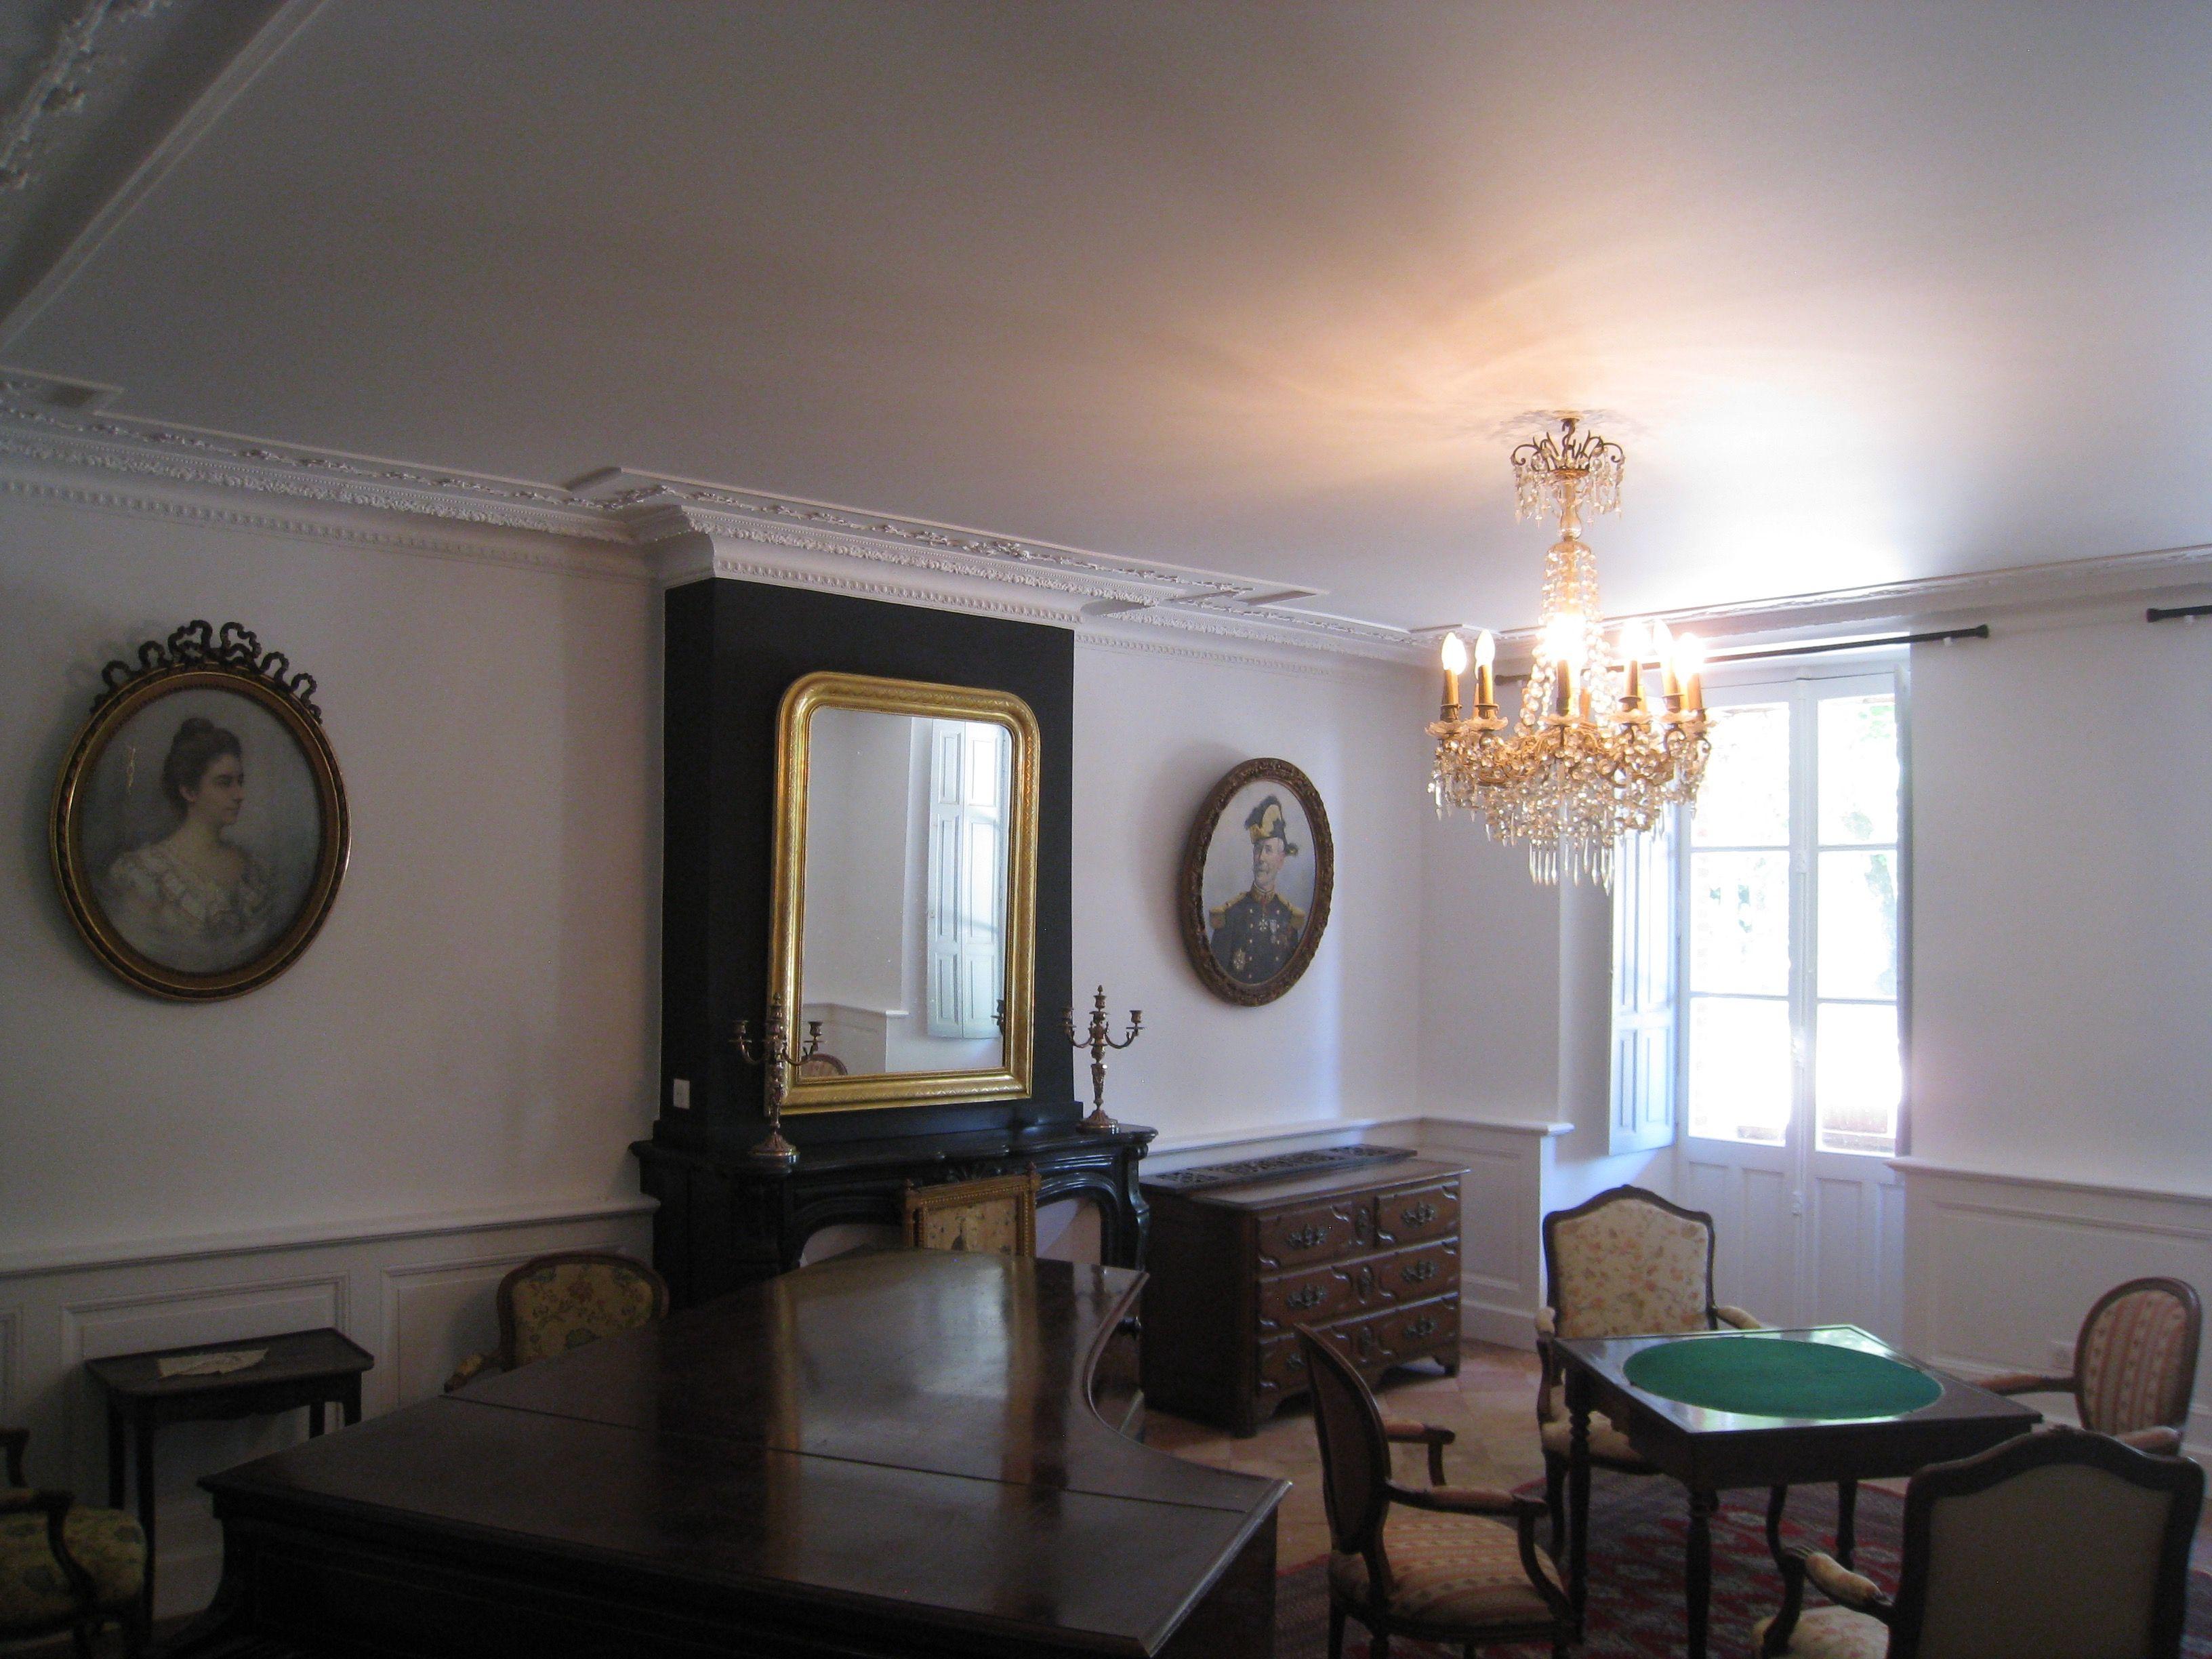 Rénovation D Un Salon, Plafond Tendu 31 Extenzo, Peinture, Panneaux  Décoratifs Bois Galerie De Photos